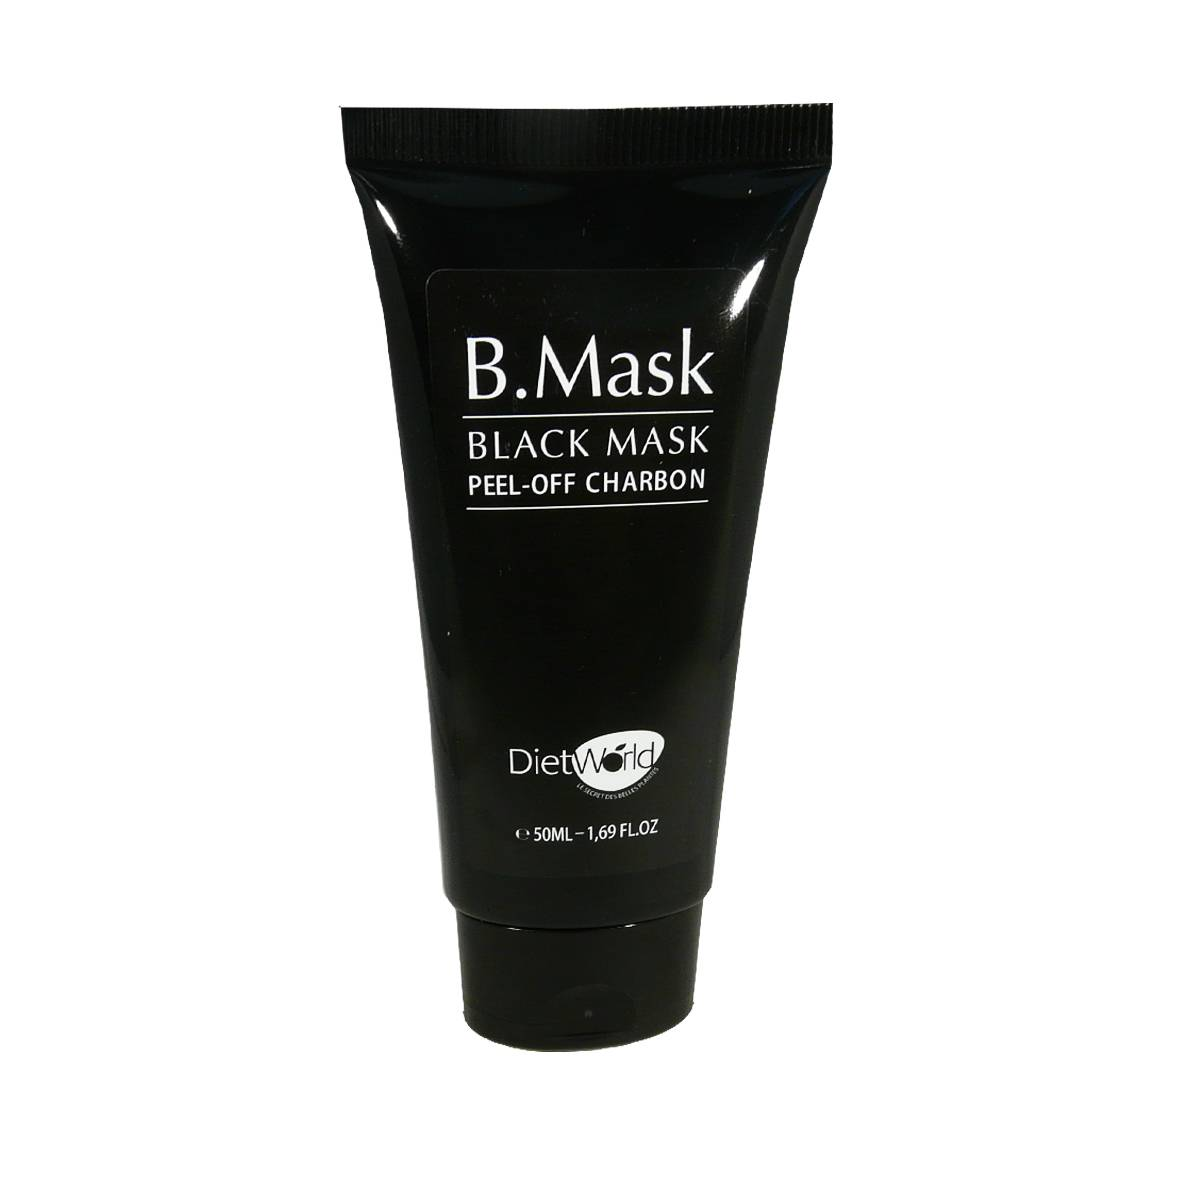 DIET WORLD B.mask black peel-off charbon dietworld 50 ml